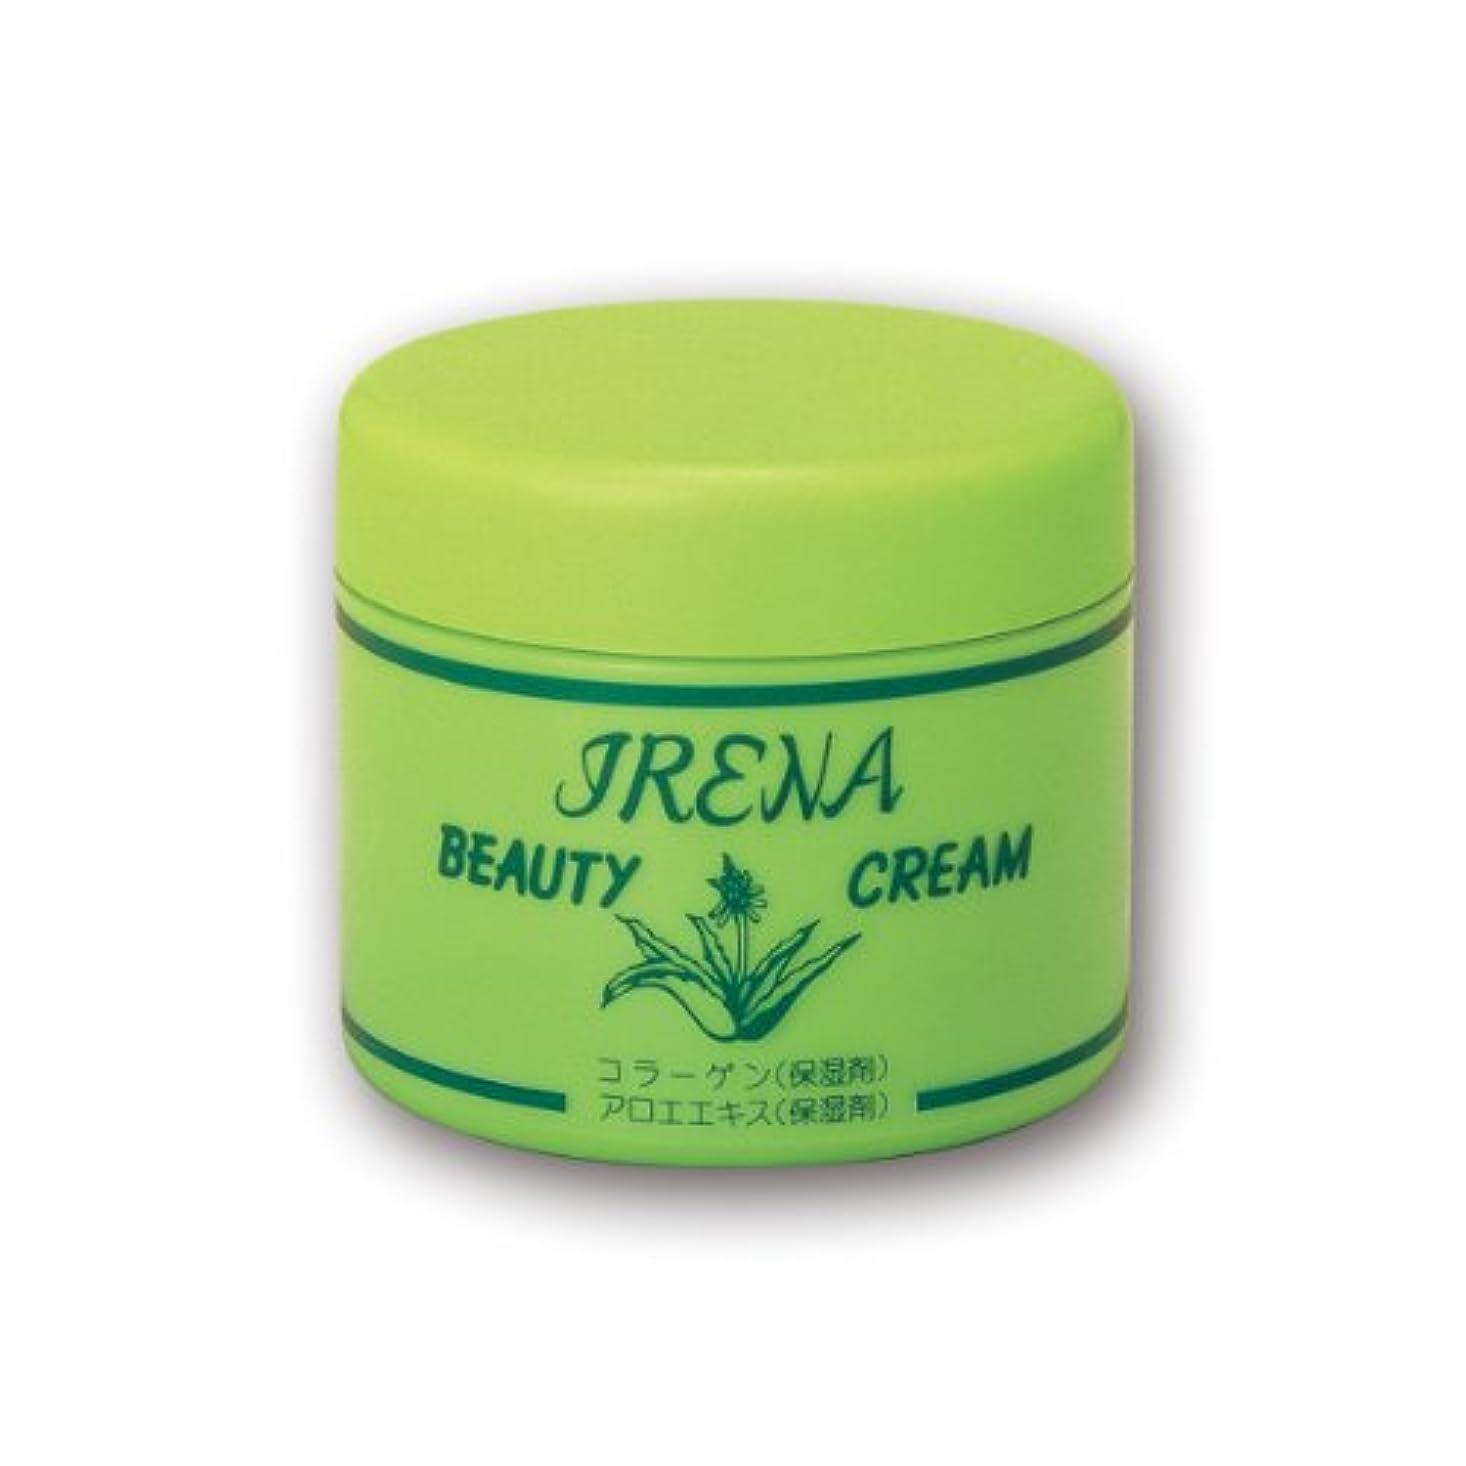 アラバマ緑コスチュームアロエ ハンドクリーム 保湿 手あれ アイリナビュティクリーム 1個